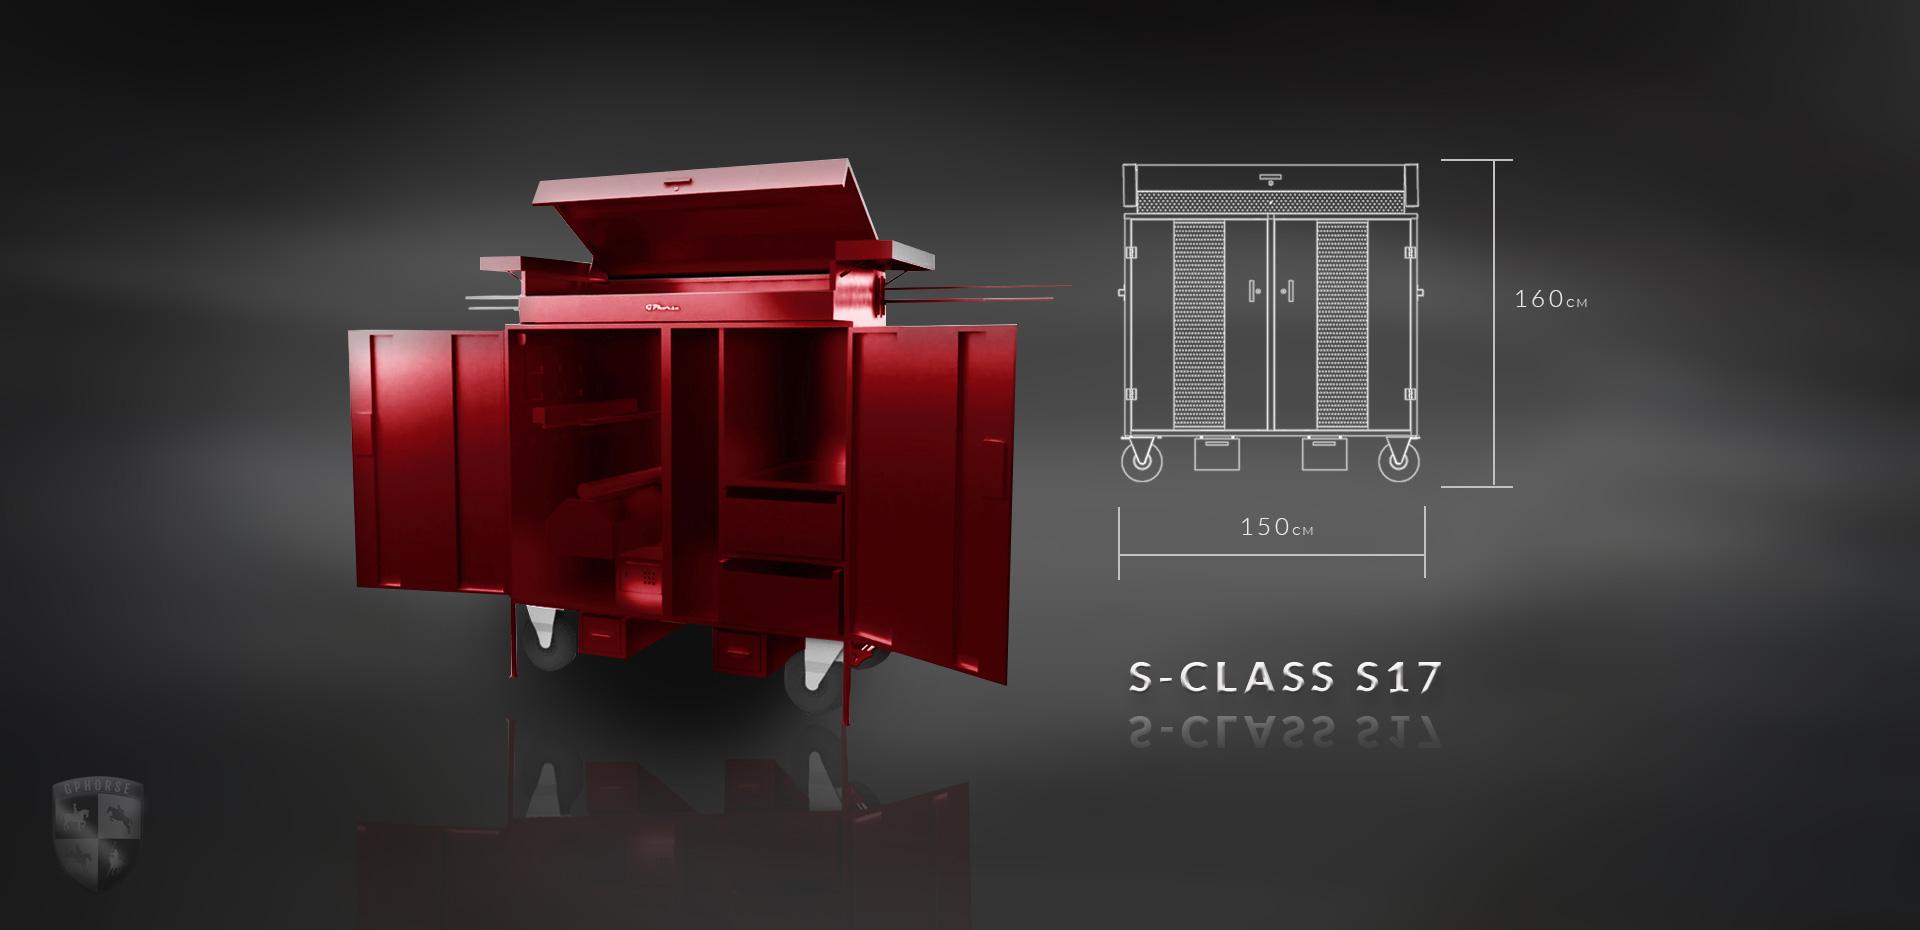 tlo-s-class-s17